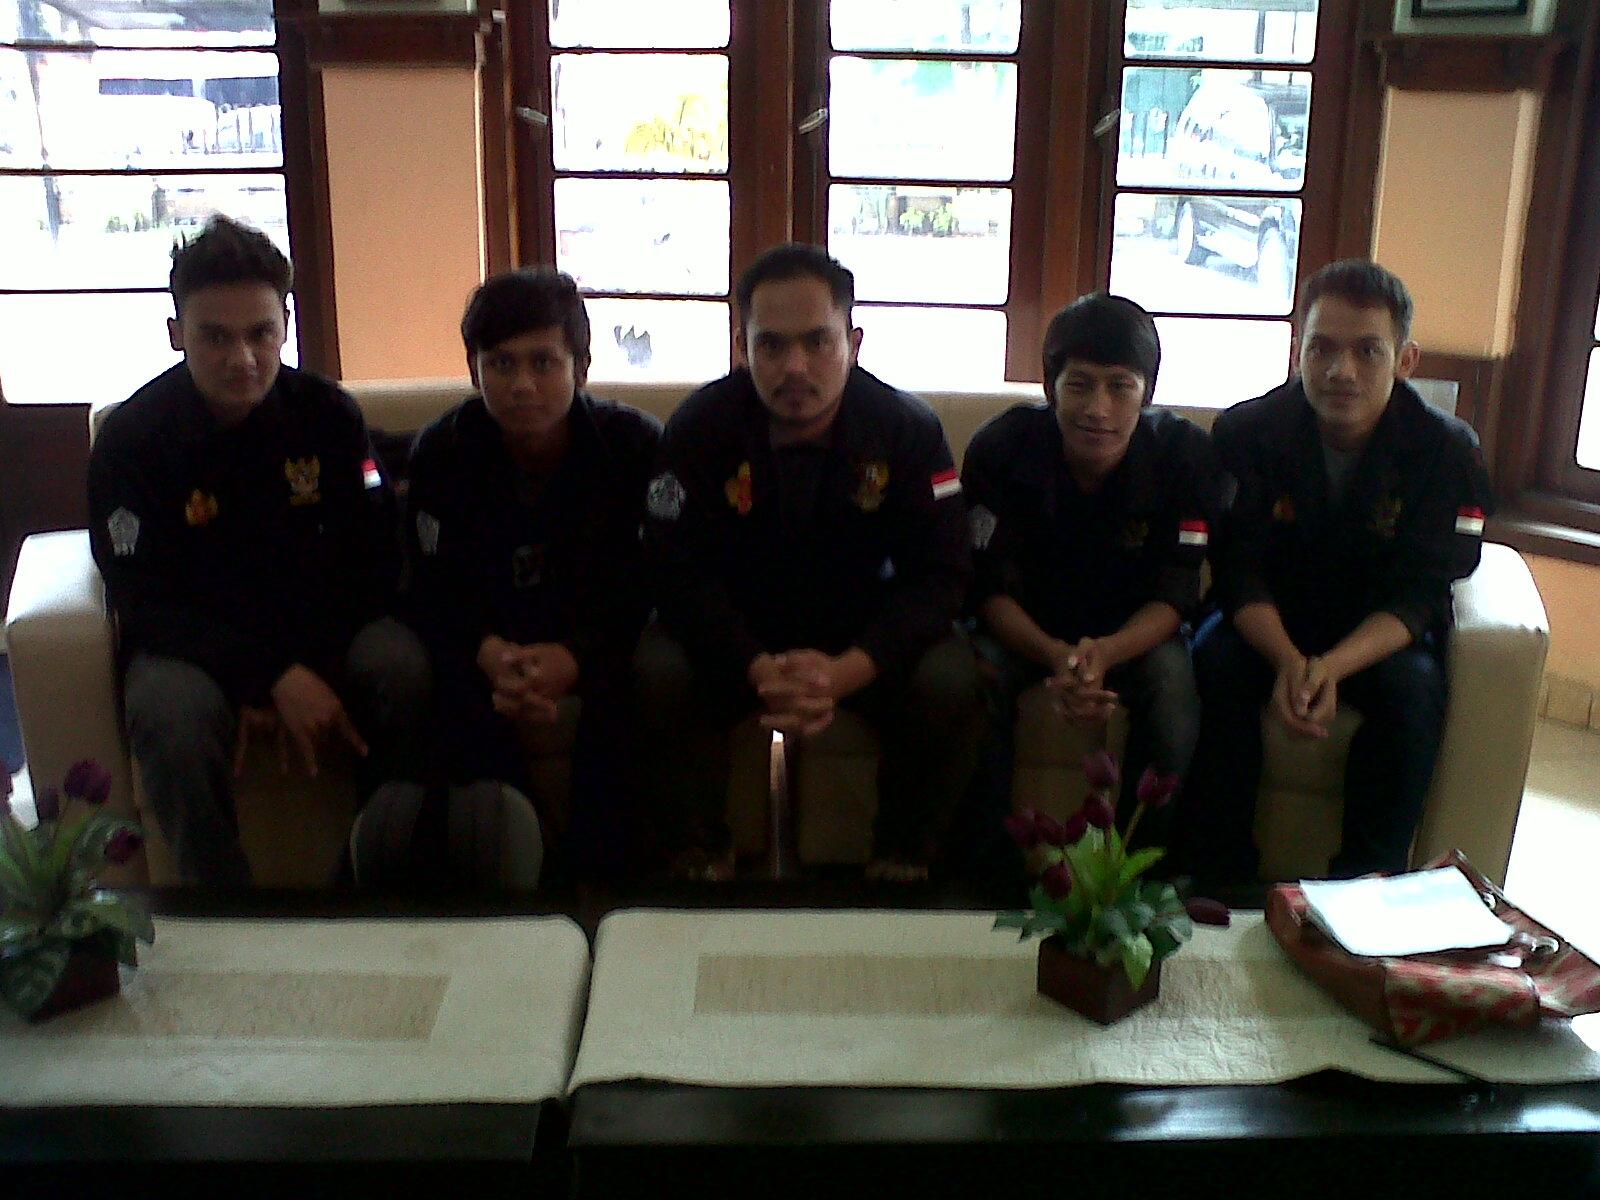 Lima Mahasiswa dari Himpunan Mahasiswa teknik Sipil (HMTS) saat menunggu Rektor UST, Drs. Pardimin, M.Pd. di Rektorat, Rabu (30/10). Foto: Gita/PENDAPA